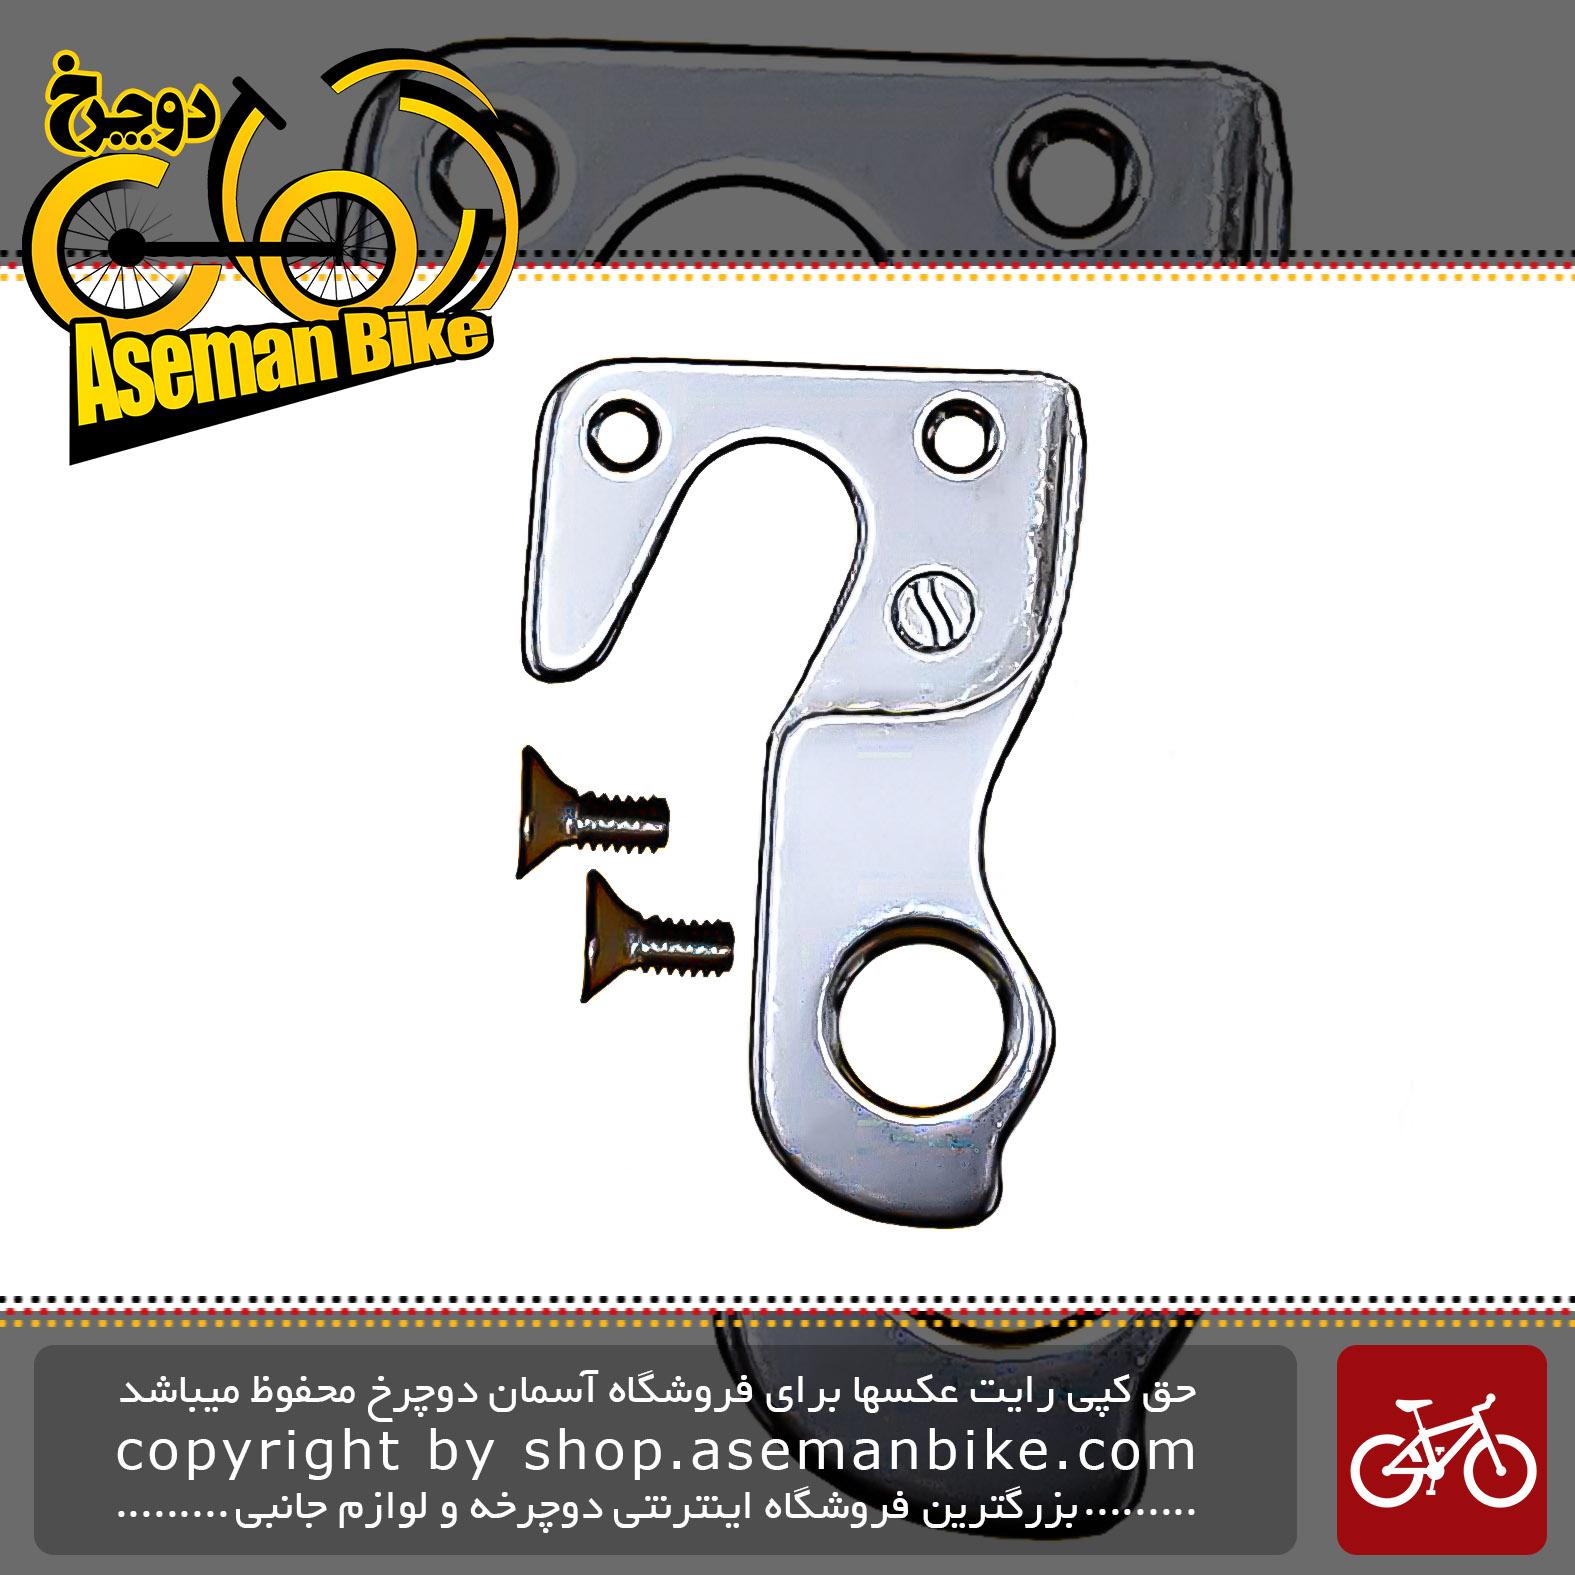 گوشواره شانژمان دوچرخه مدل 09 Derailleur Hanger